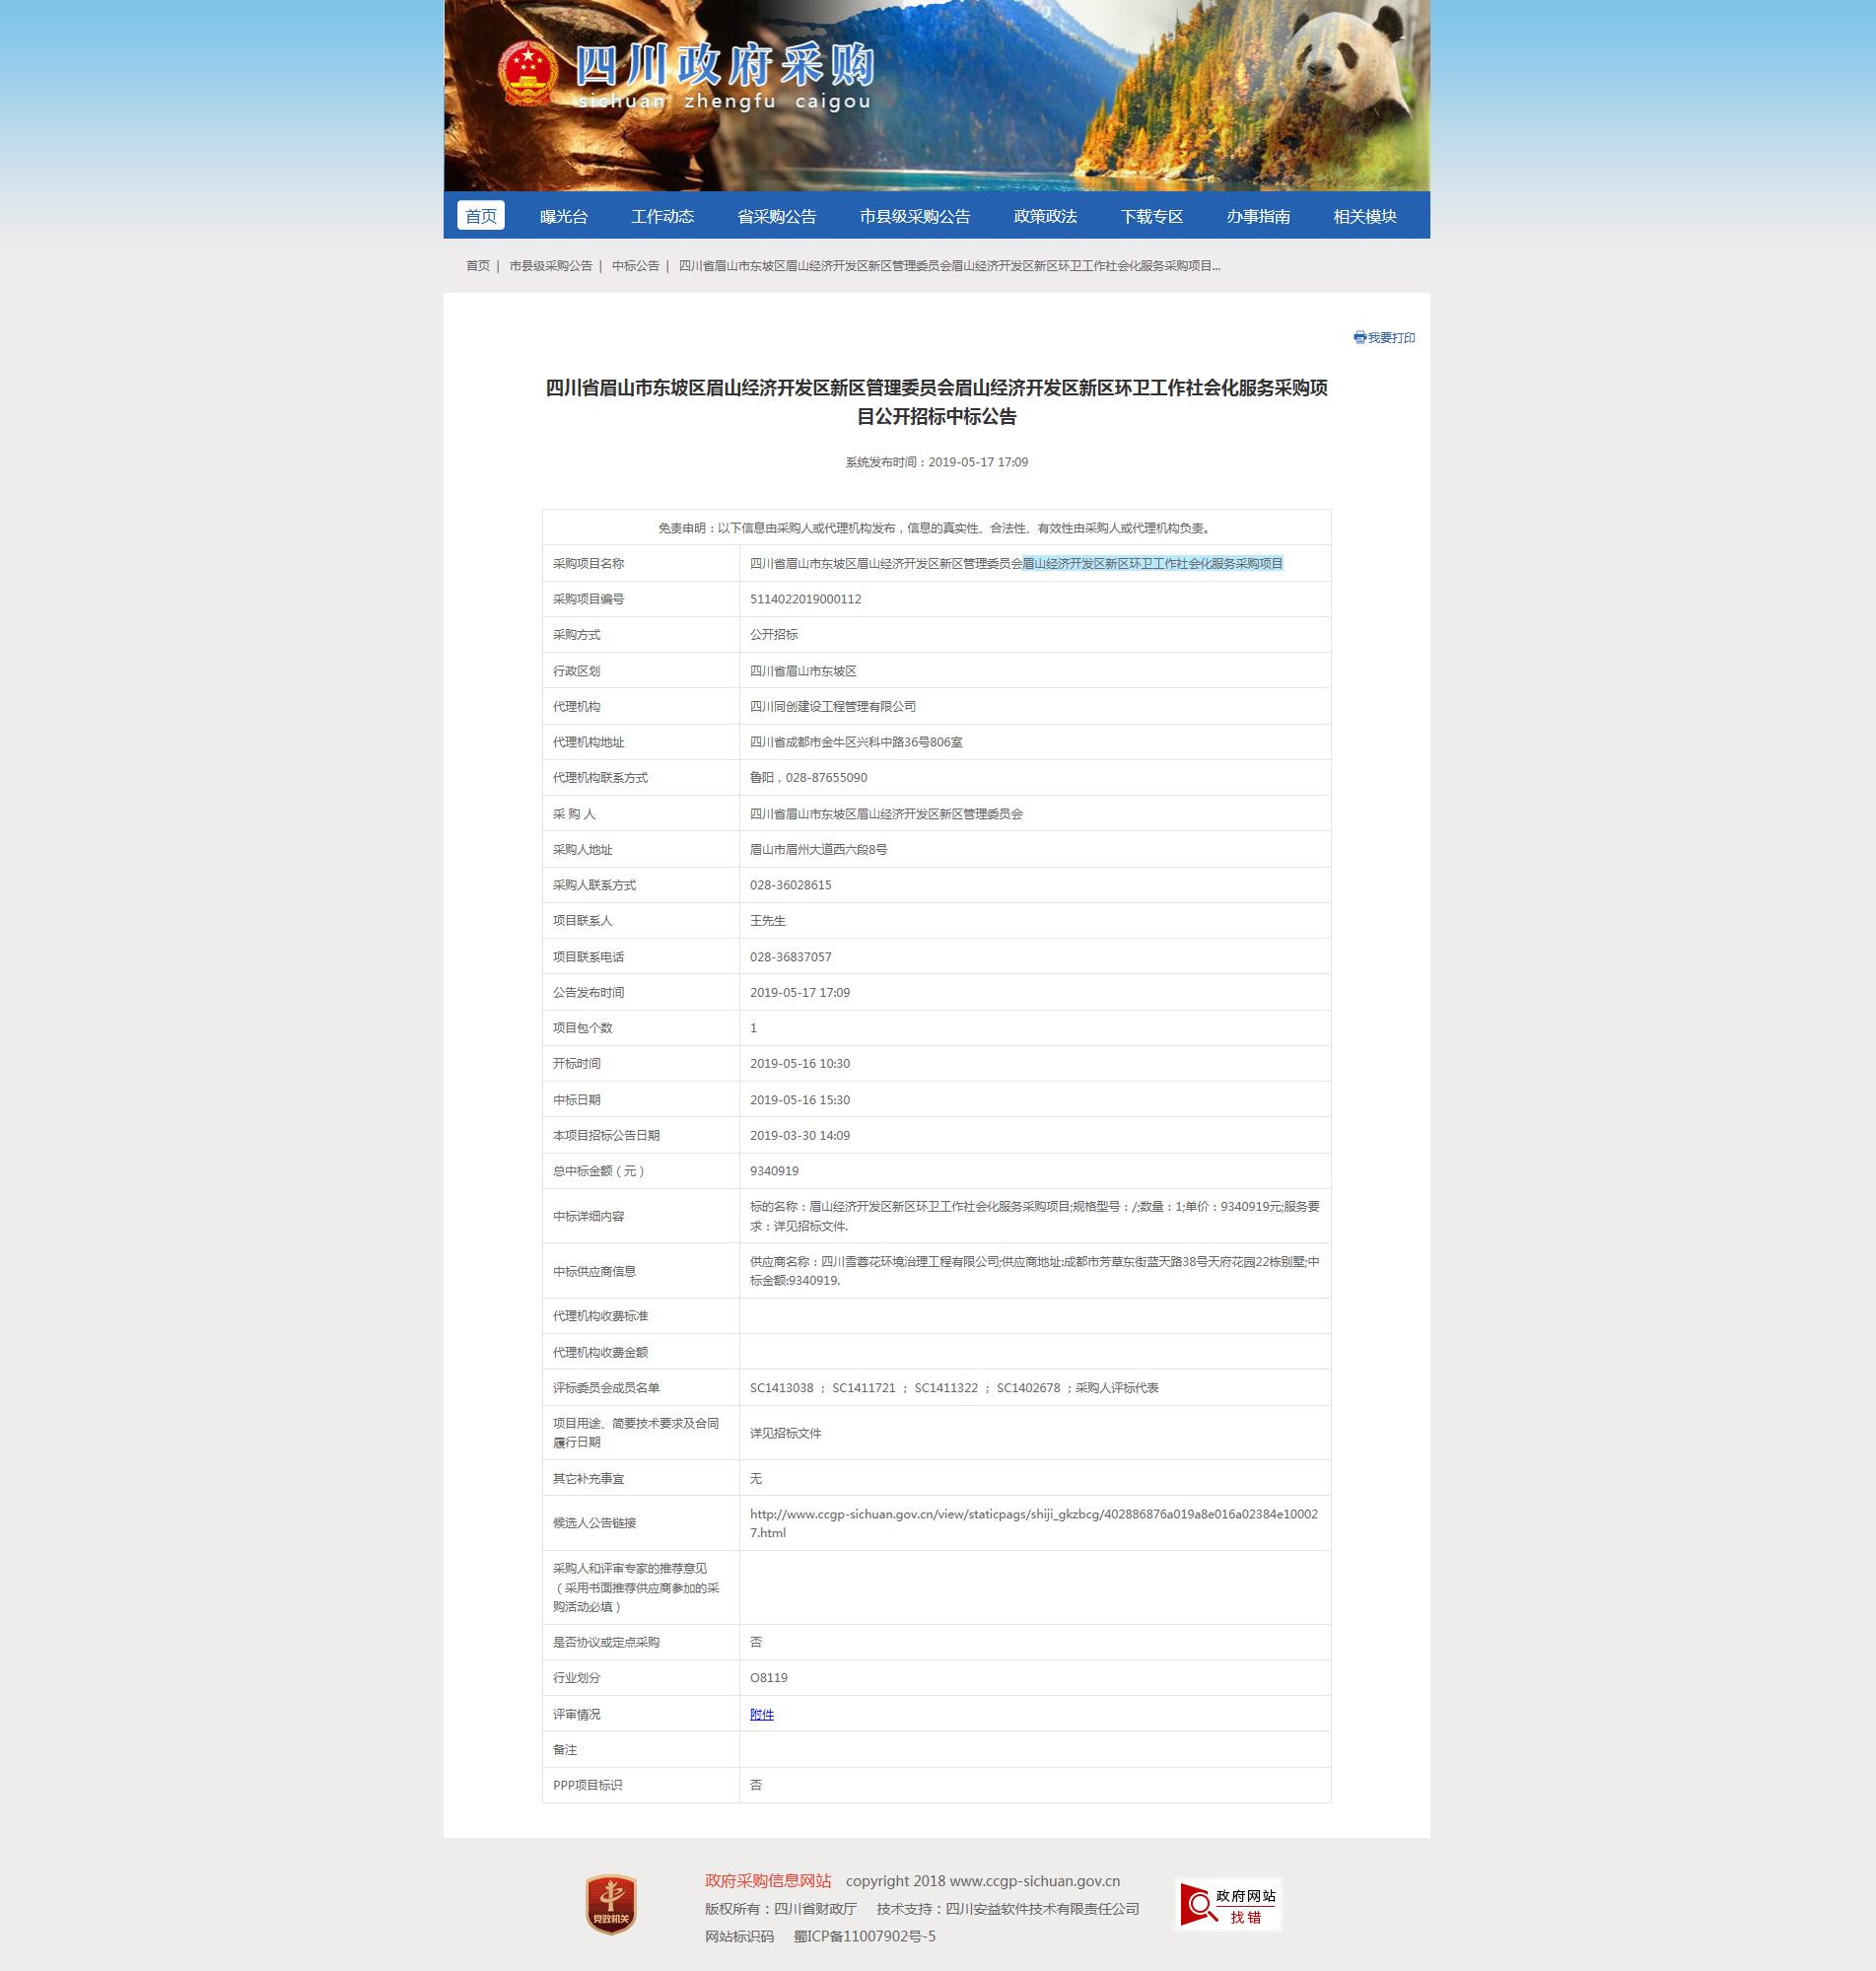 眉山经济开发区新区环卫工作社会化服务采购项目中标公告.png